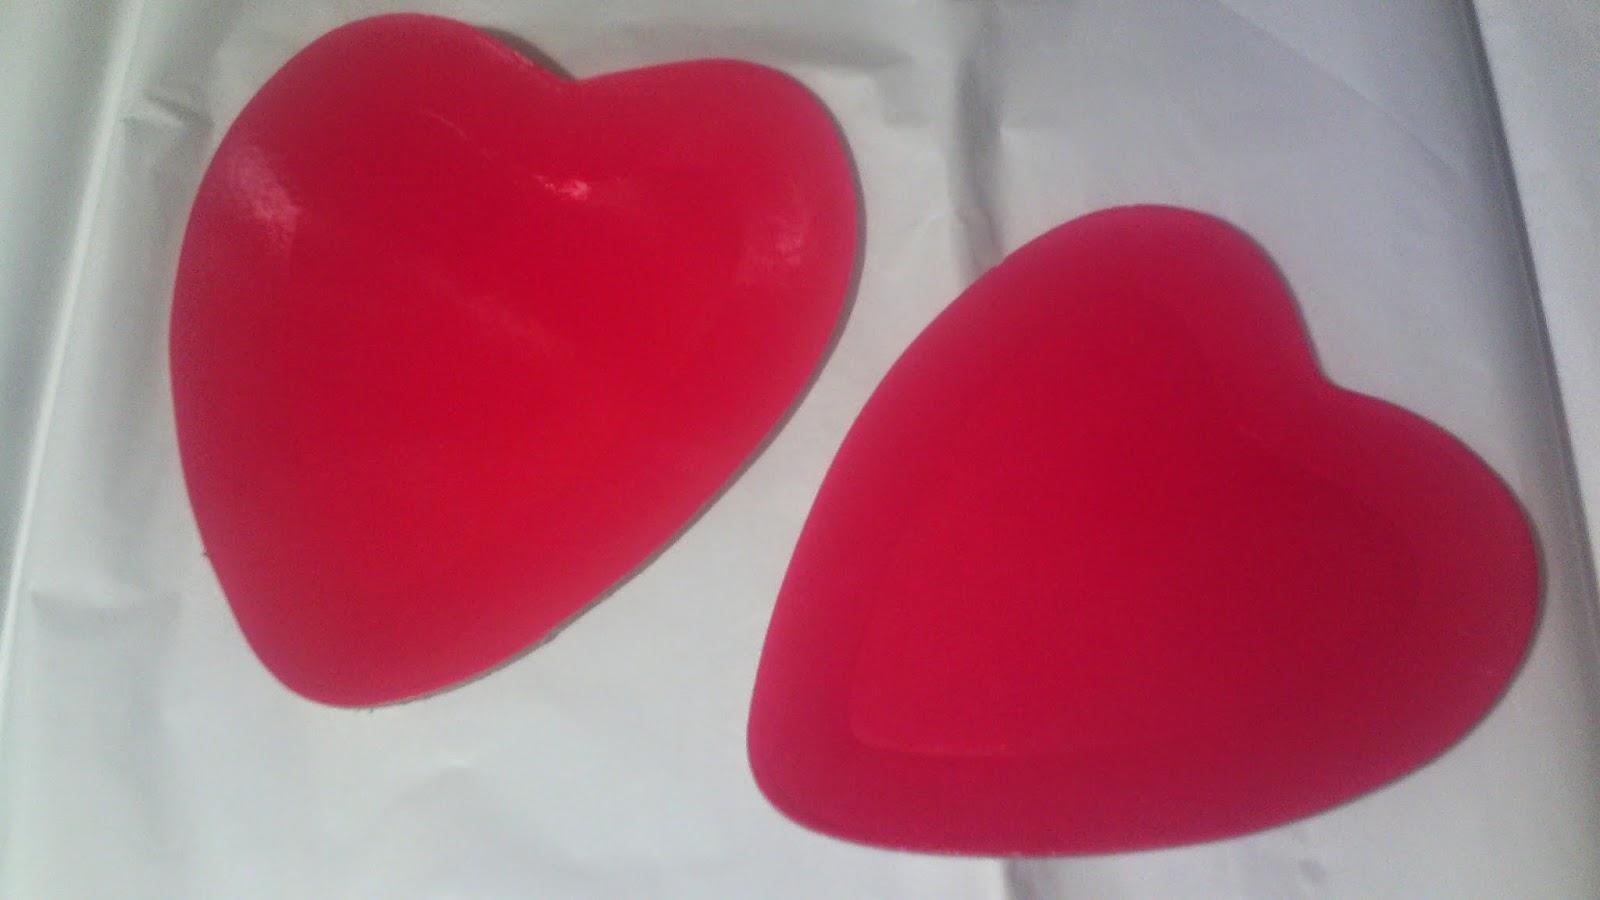 PLATO DE SAN VALENTIN (forma de corazón)